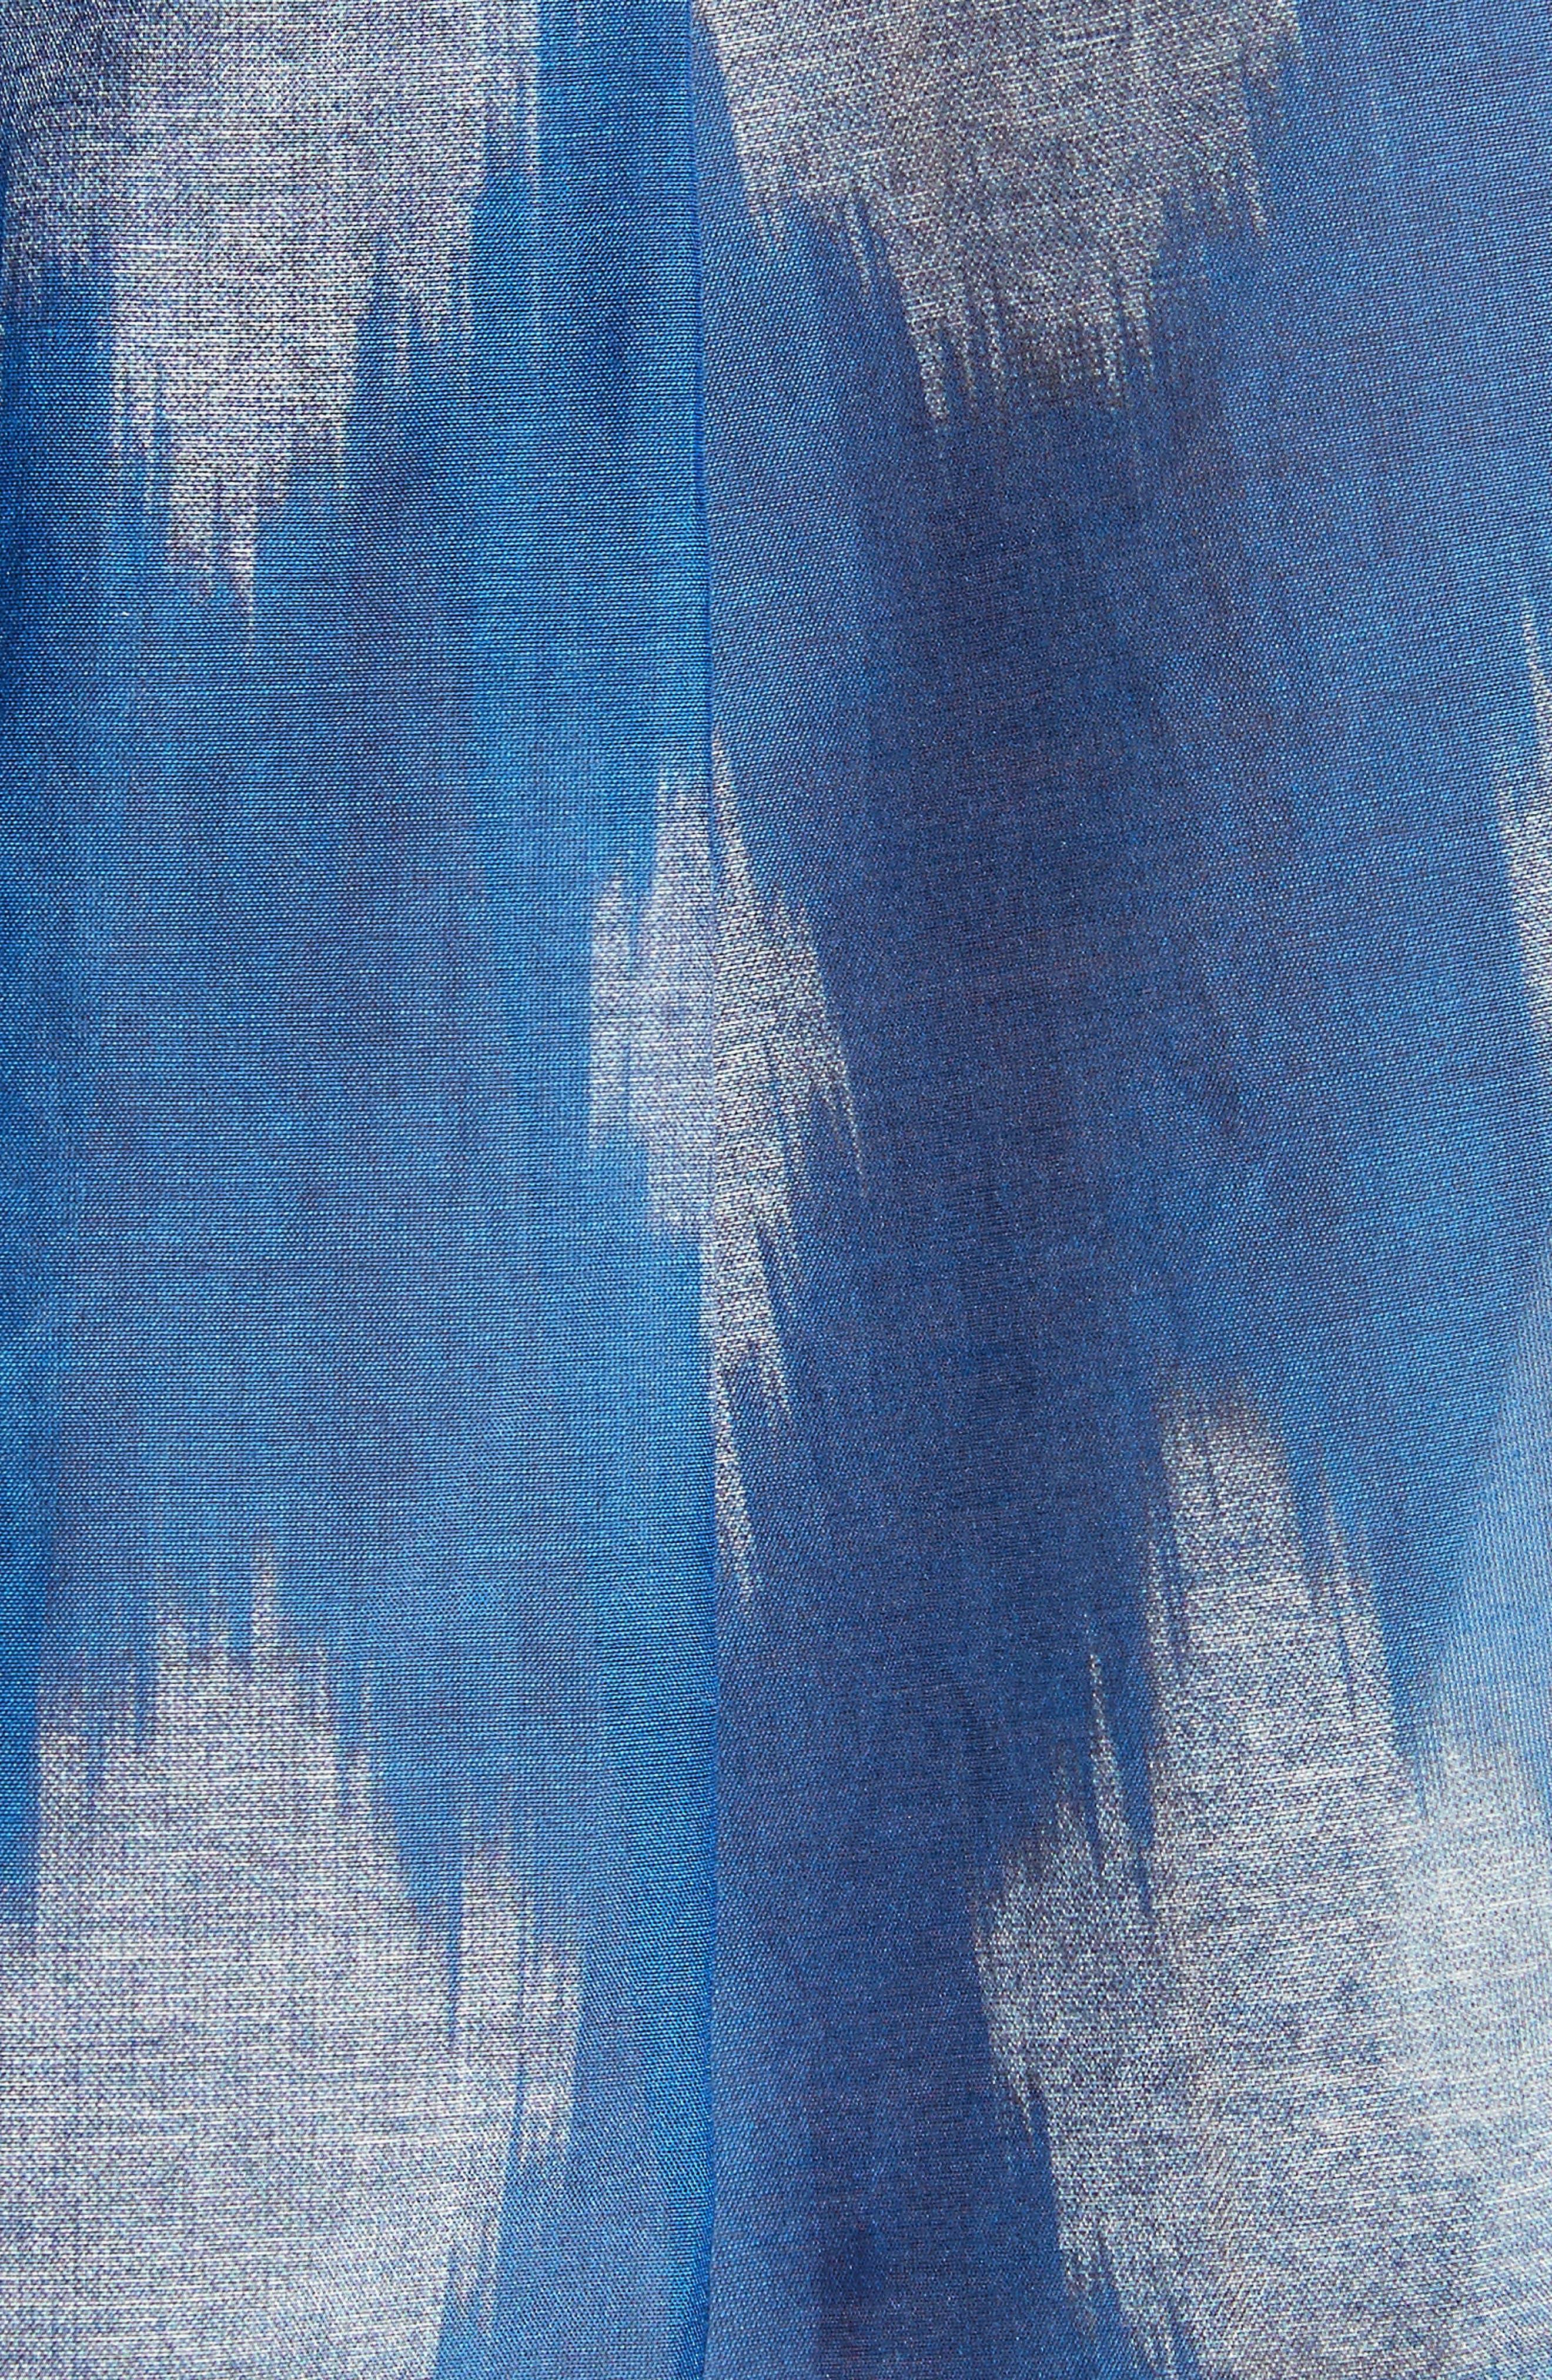 Tamalee Ikat Spot Blouse,                             Alternate thumbnail 5, color,                             White/ Blue